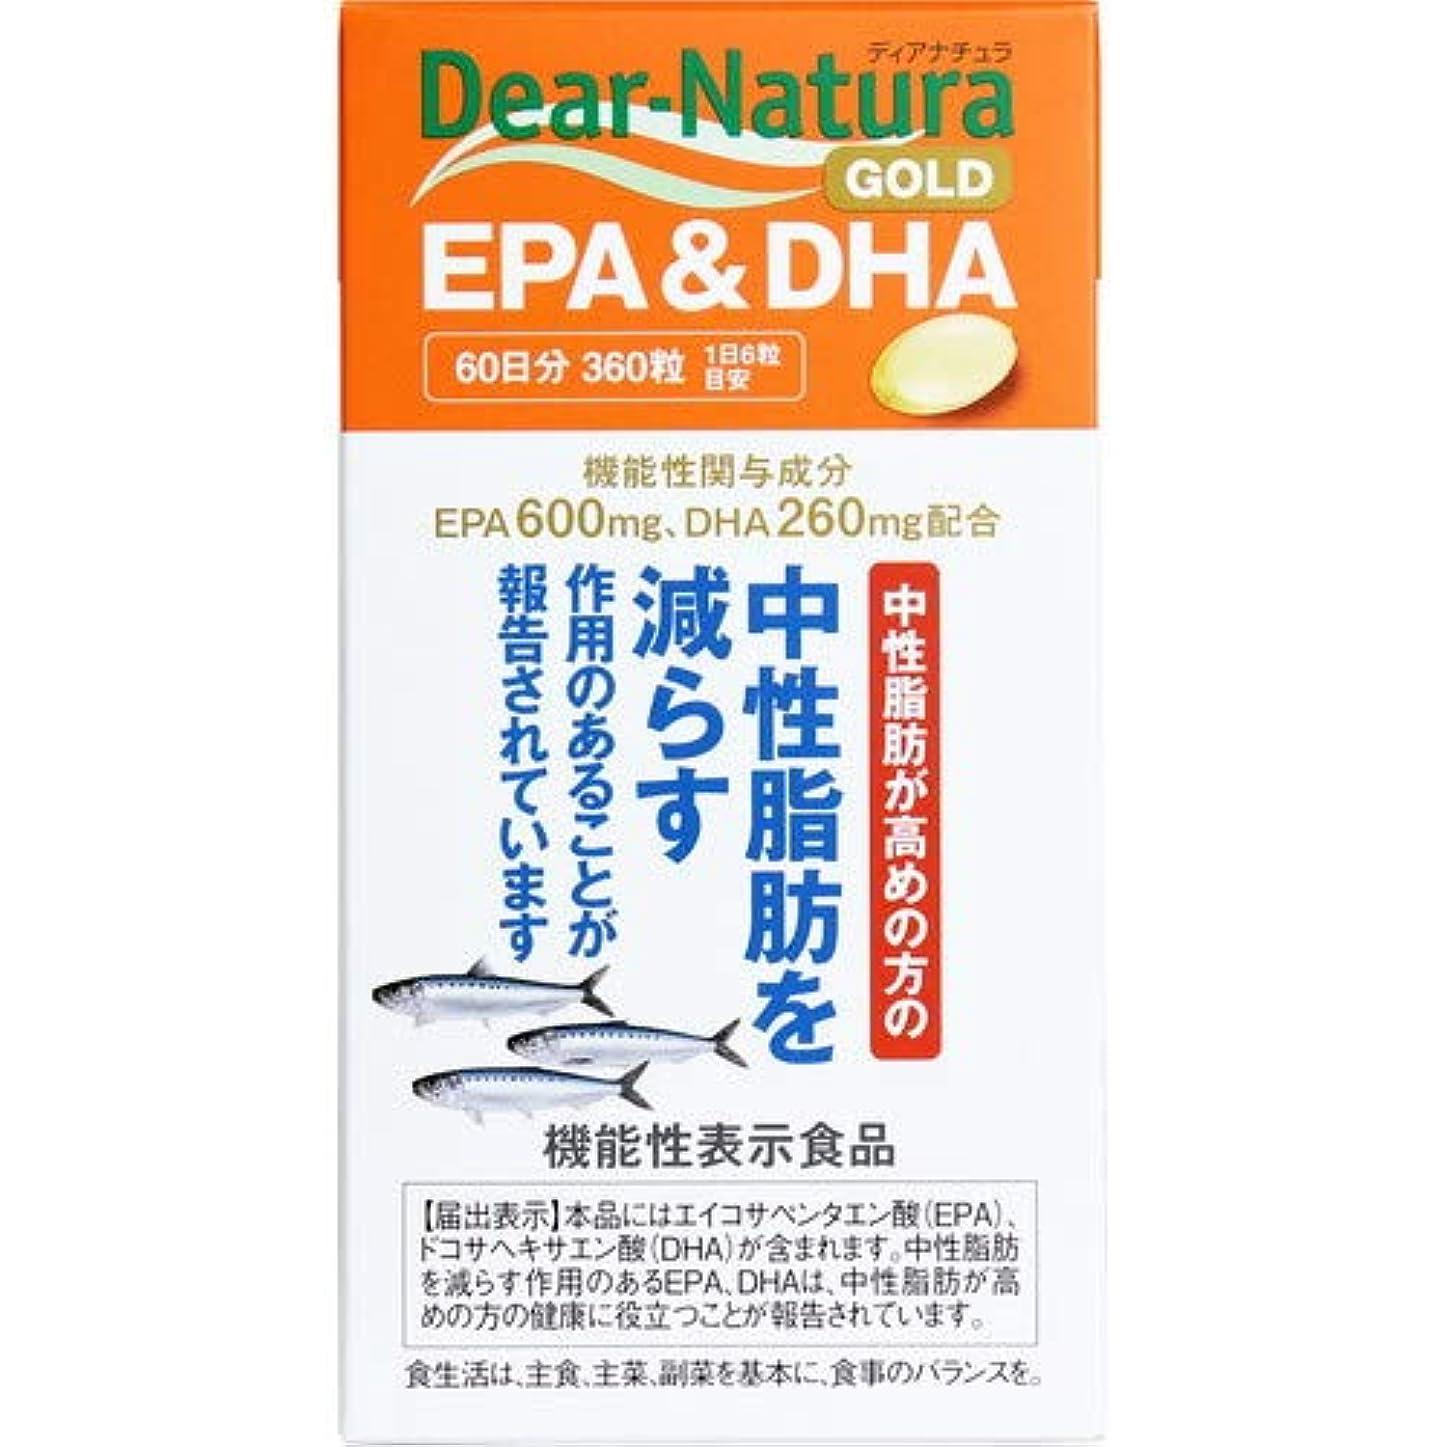 ボウリングビスケットベーカリーディアナチュラゴールド EPA&DHA 60日分 360粒入